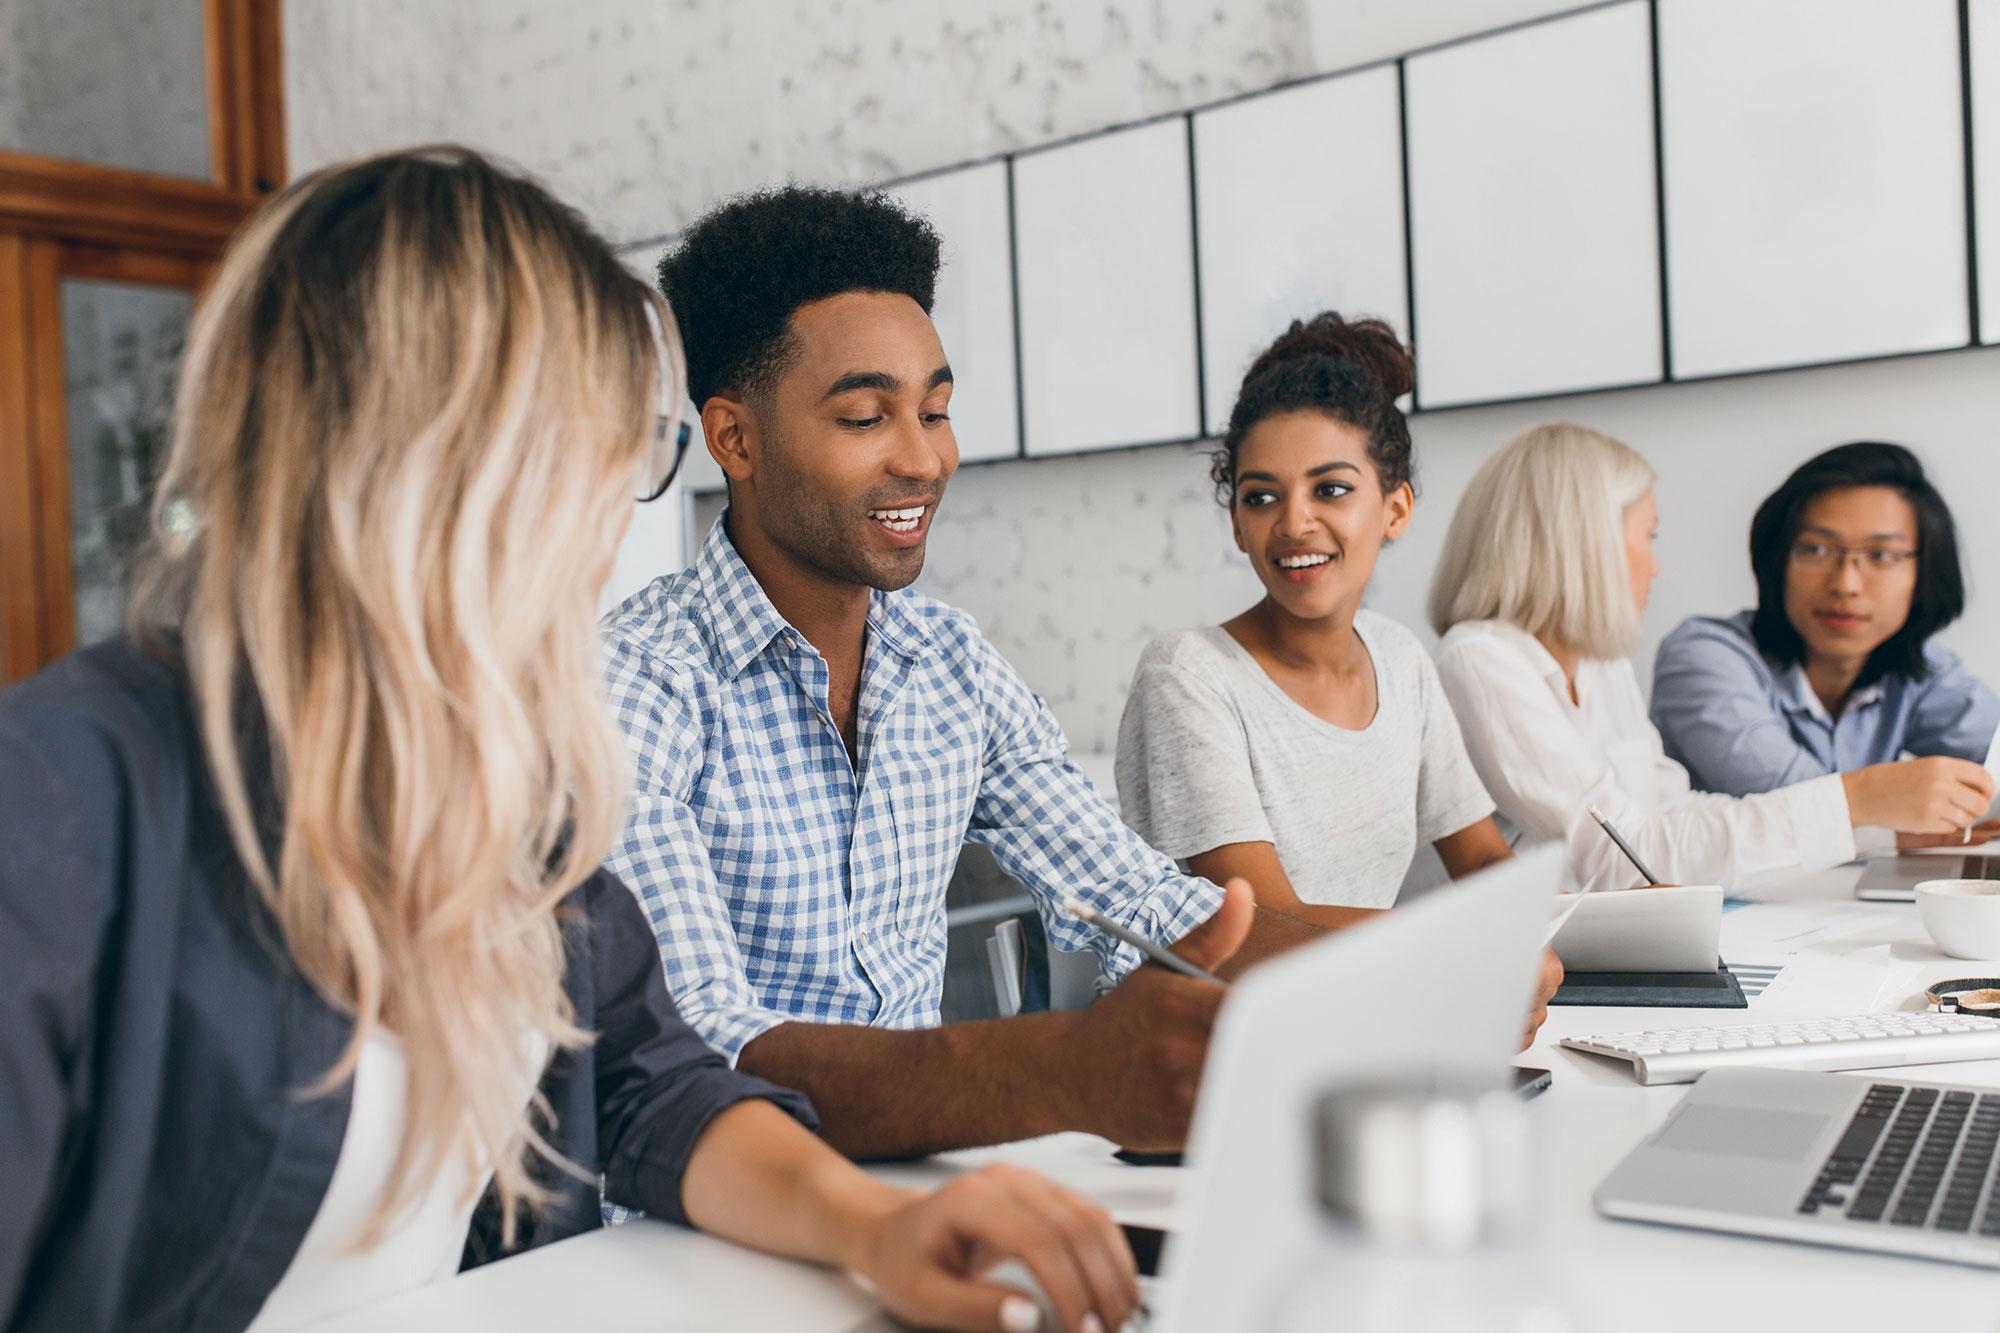 Création d'emplois : les petites entreprises y ont largement contribué